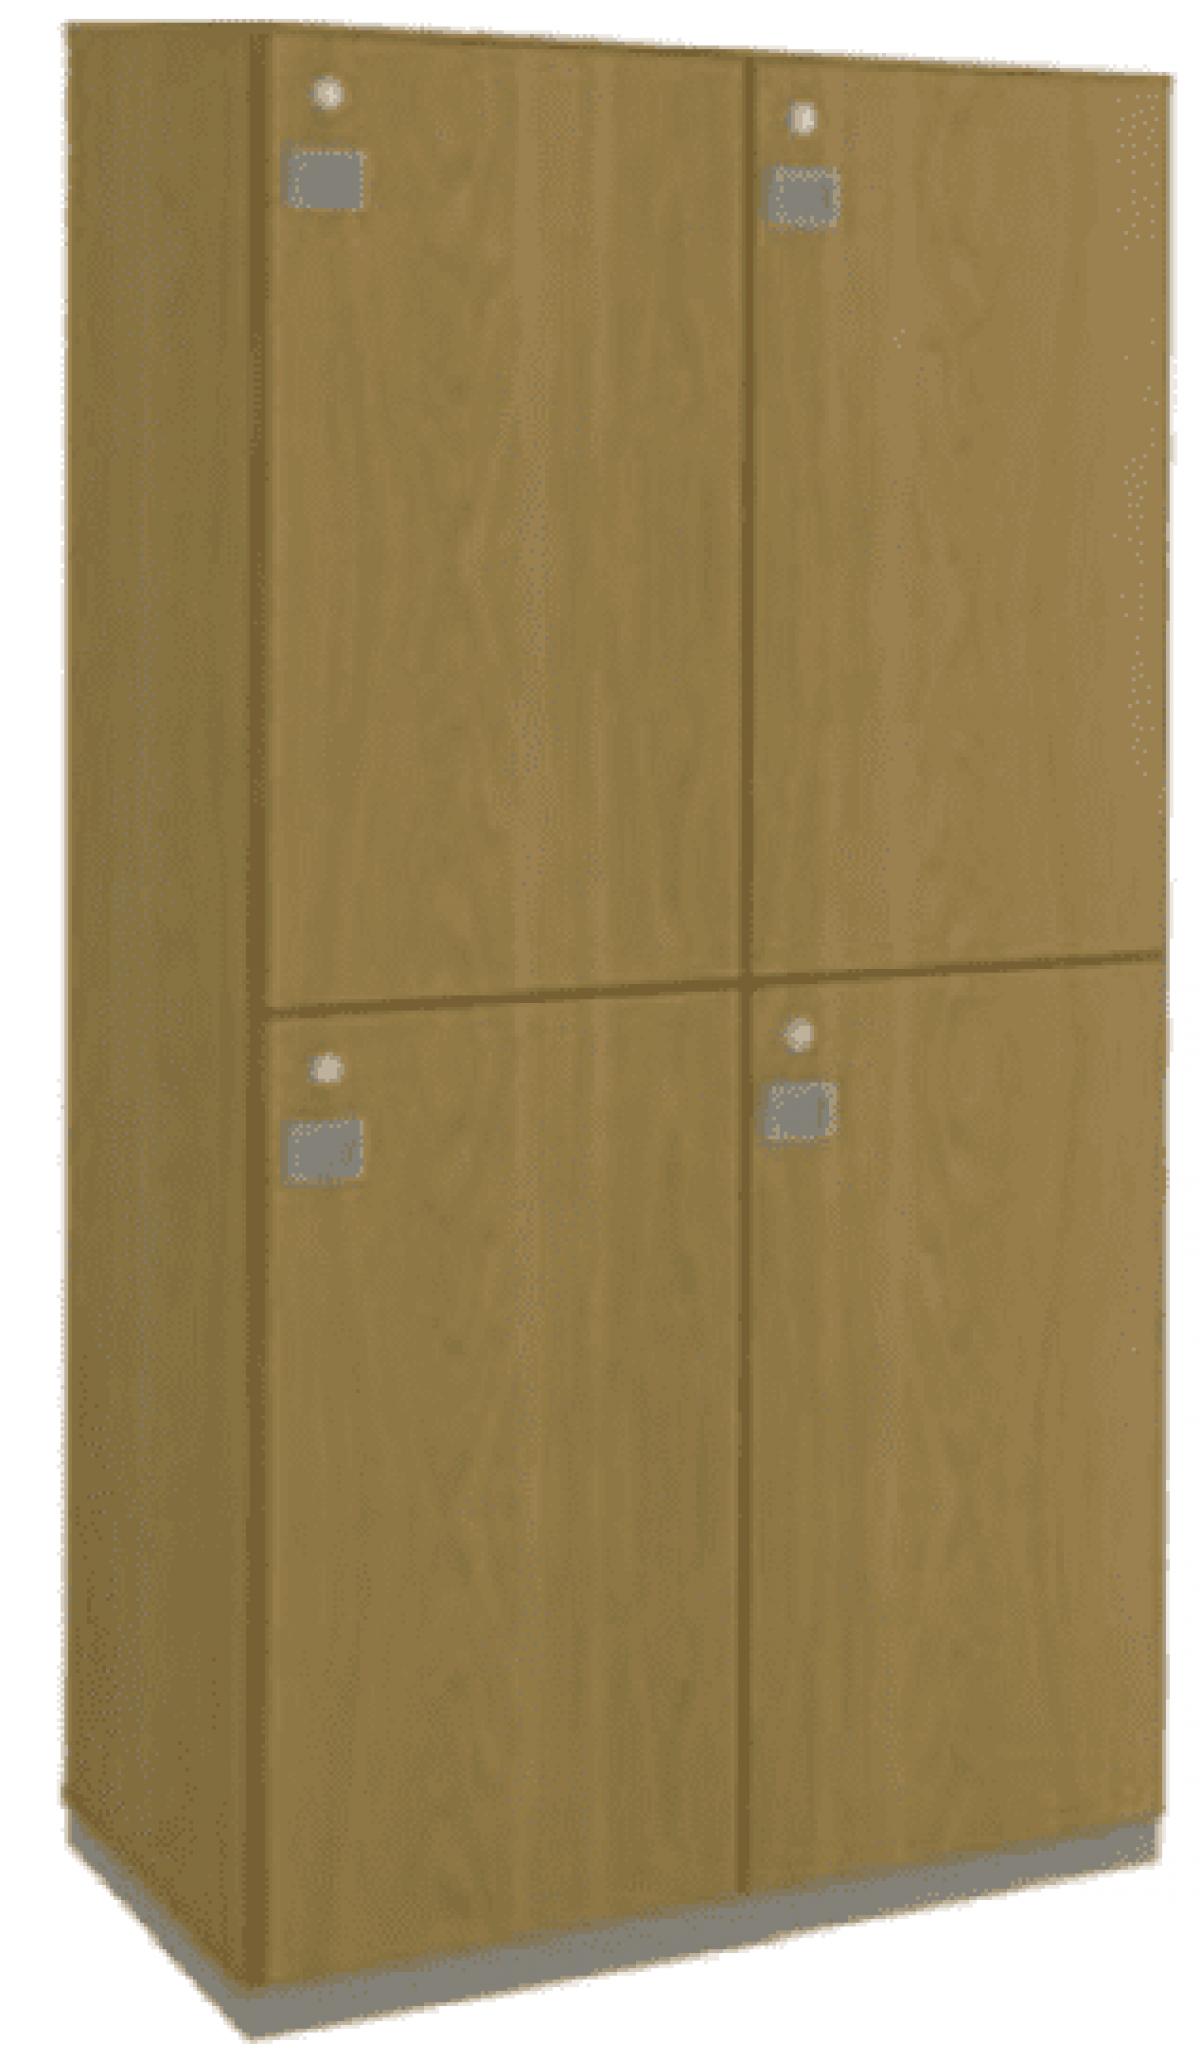 AR - 44 - 160x081x044 Guarda Volumes 04 Portas Grandes Varias Cores